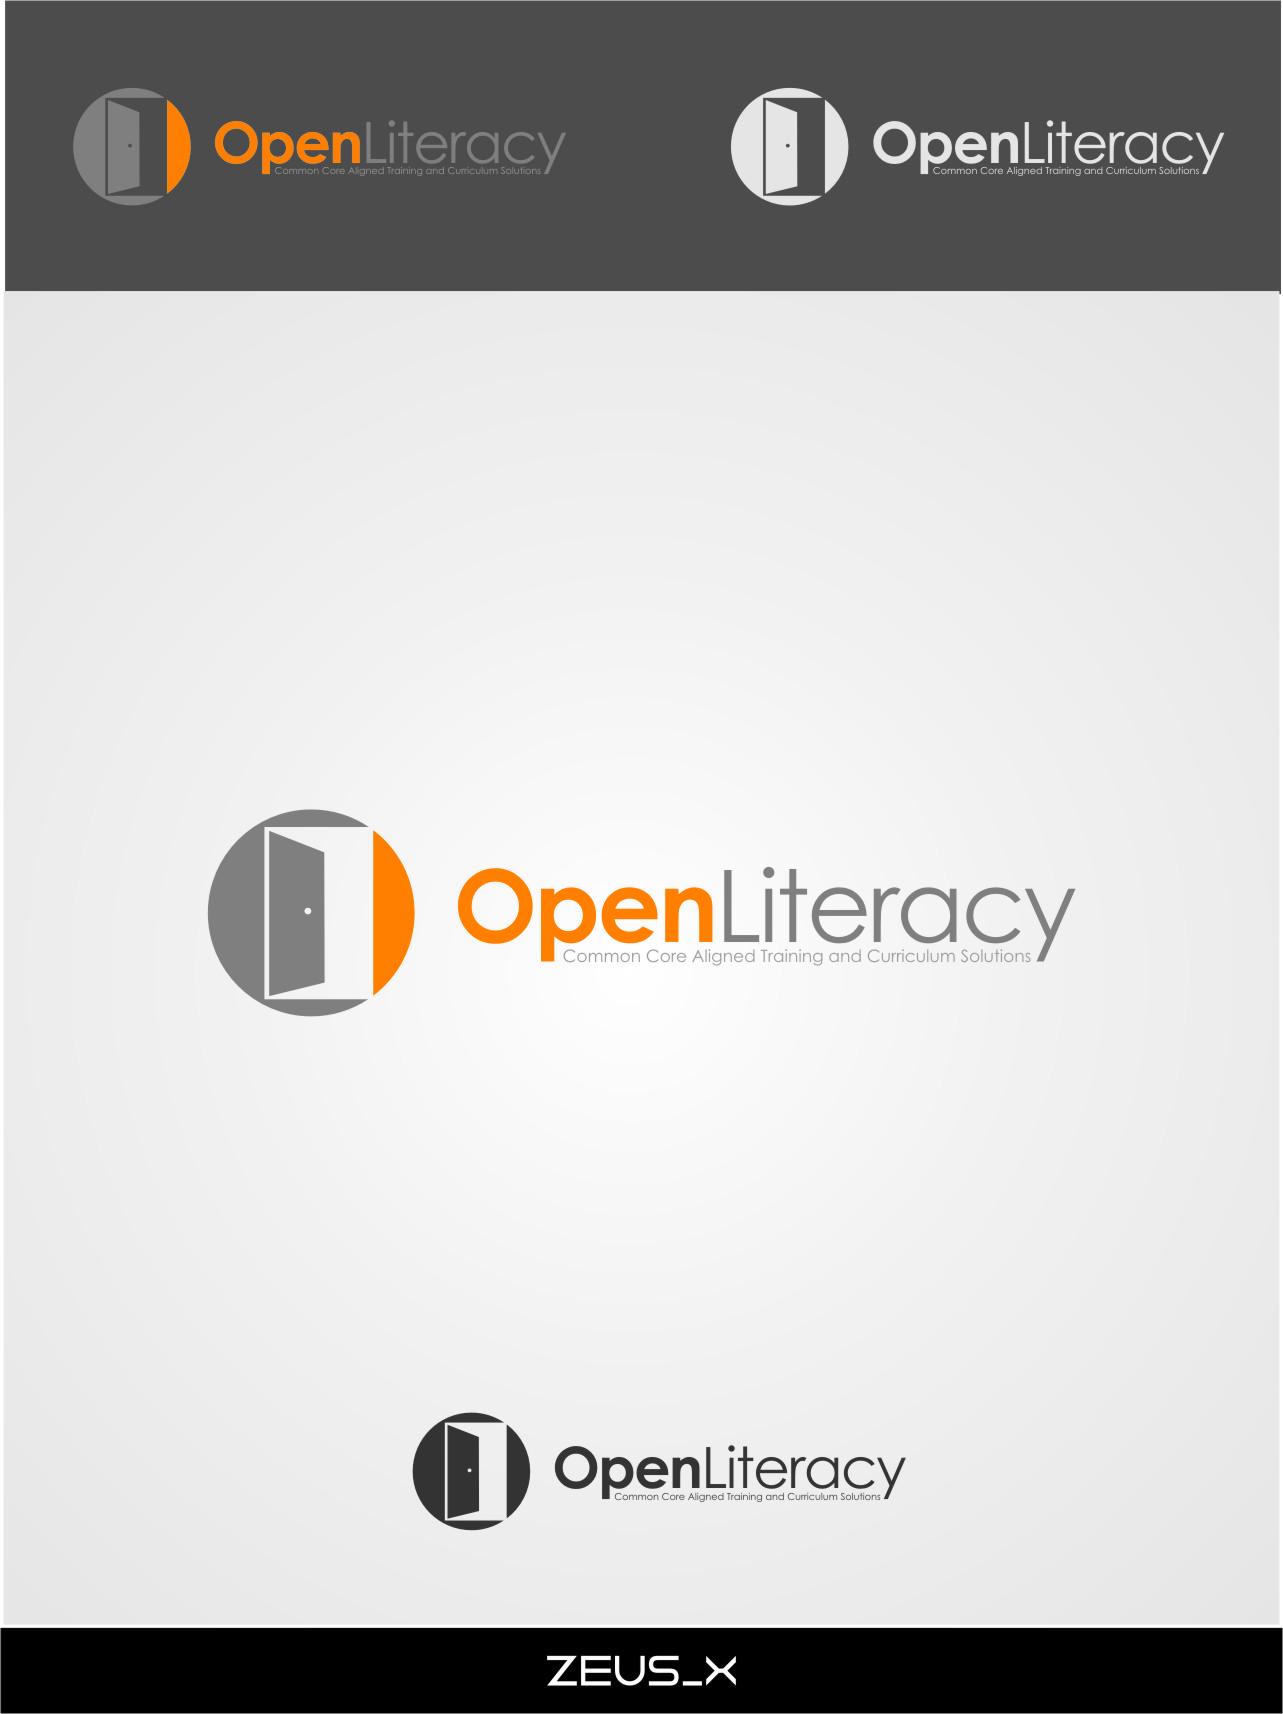 Logo Design by RasYa Muhammad Athaya - Entry No. 149 in the Logo Design Contest Inspiring Logo Design for OpenLiteracy.